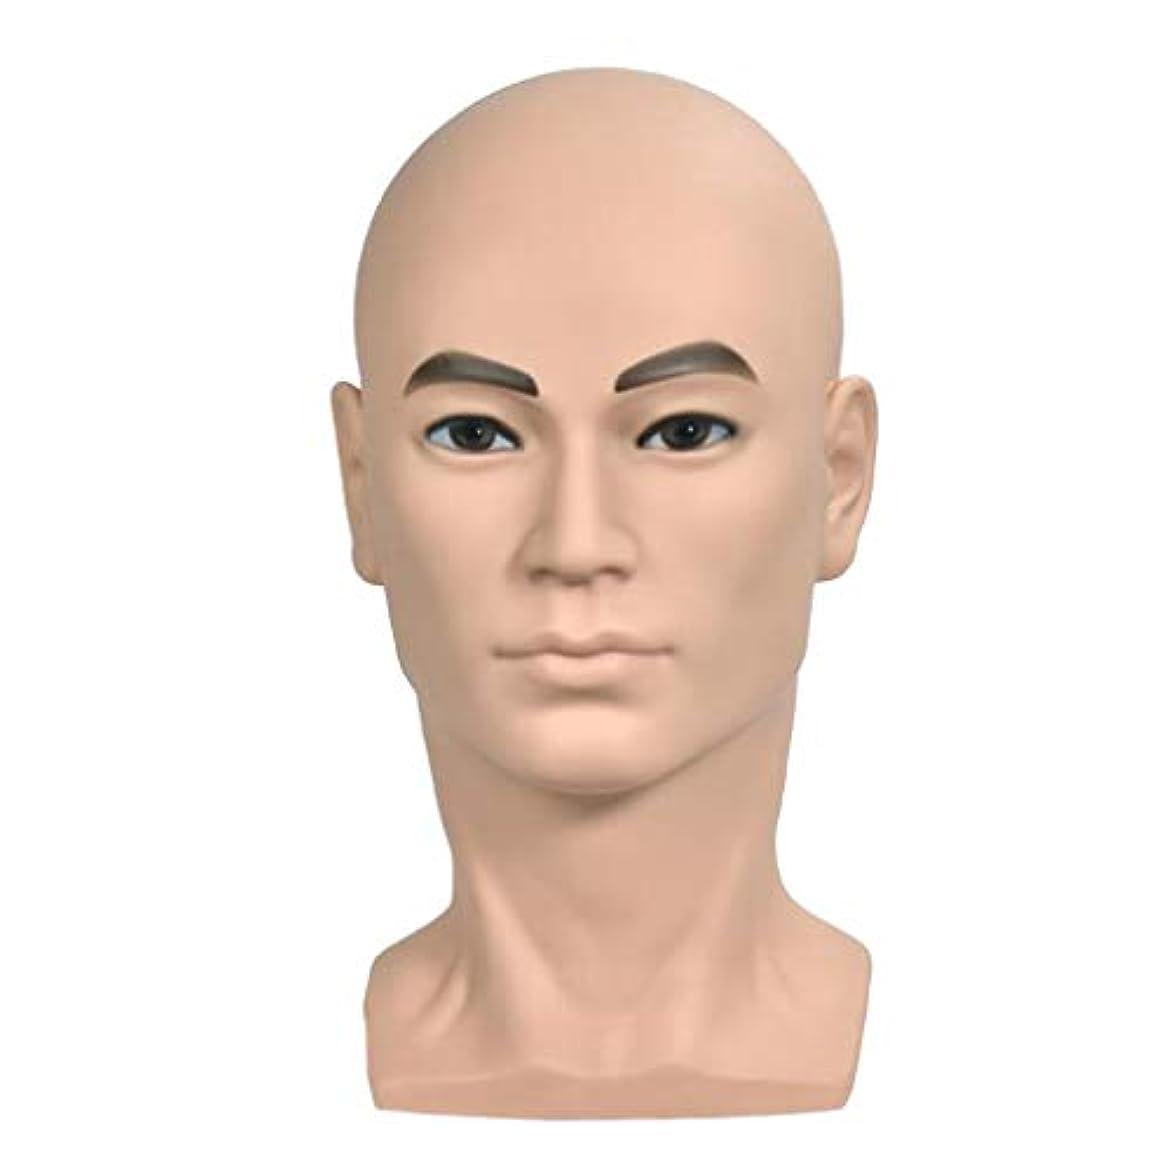 概してシェルター案件マネキンヘッド 男性 ヘッドモデル ウィッグ 帽子 ディスプレイ ホルダー 美容院 家